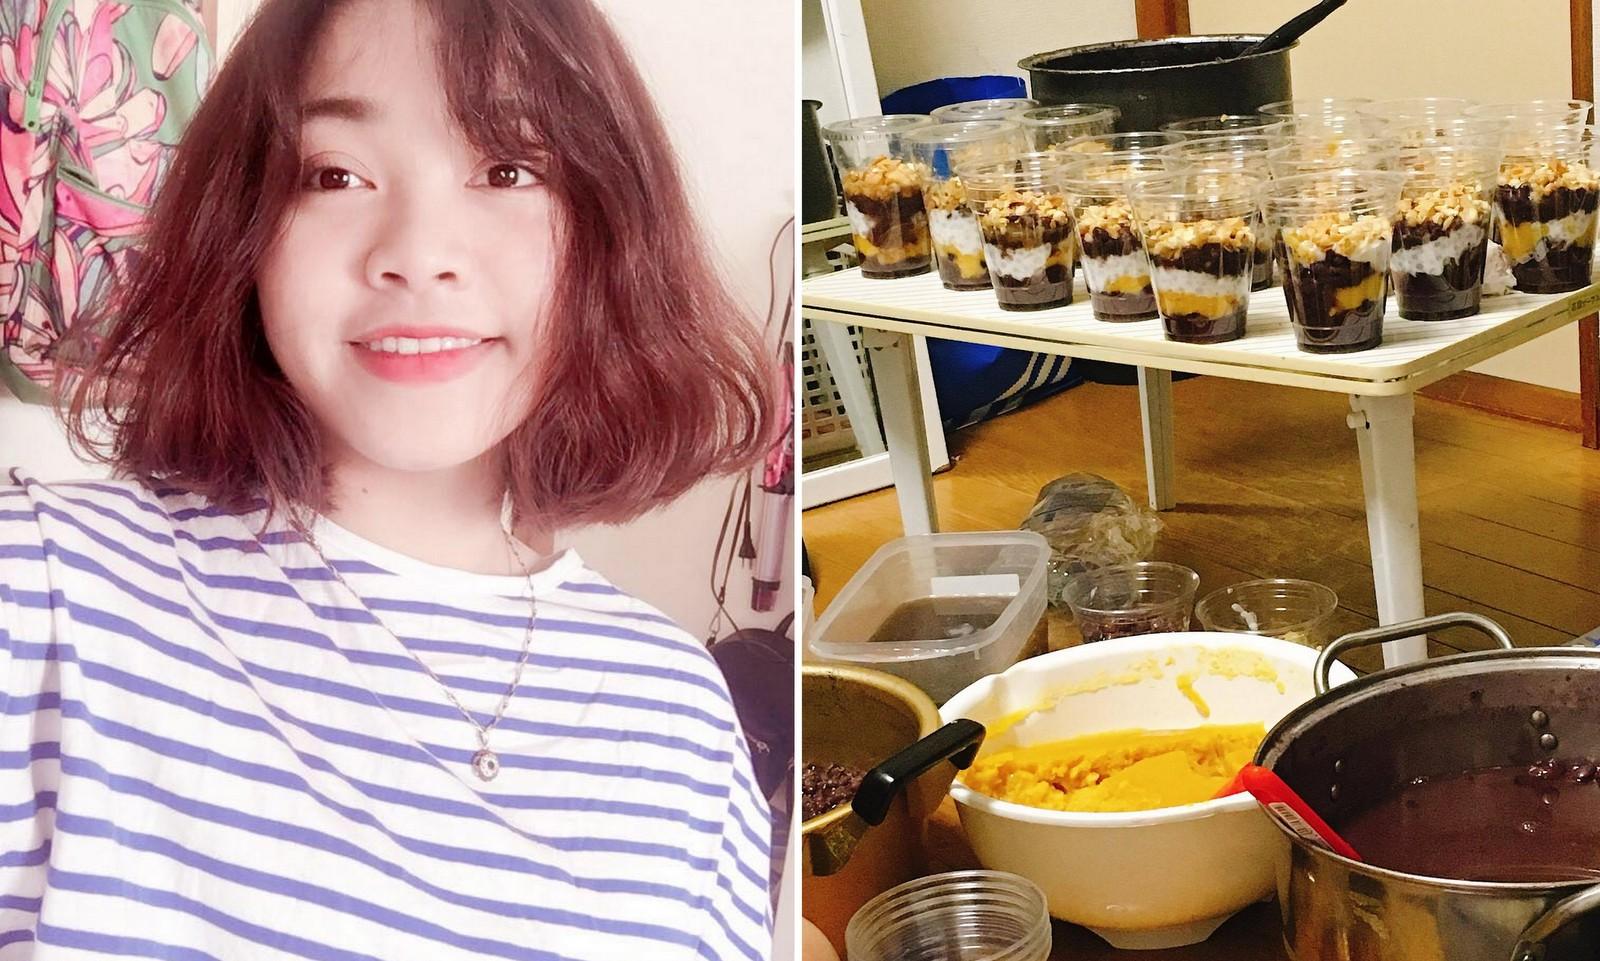 Kết quả hình ảnh cho Du học sinh Việt: Học bài bên nồi chè, mỗi ngày bán hơn 150 suất